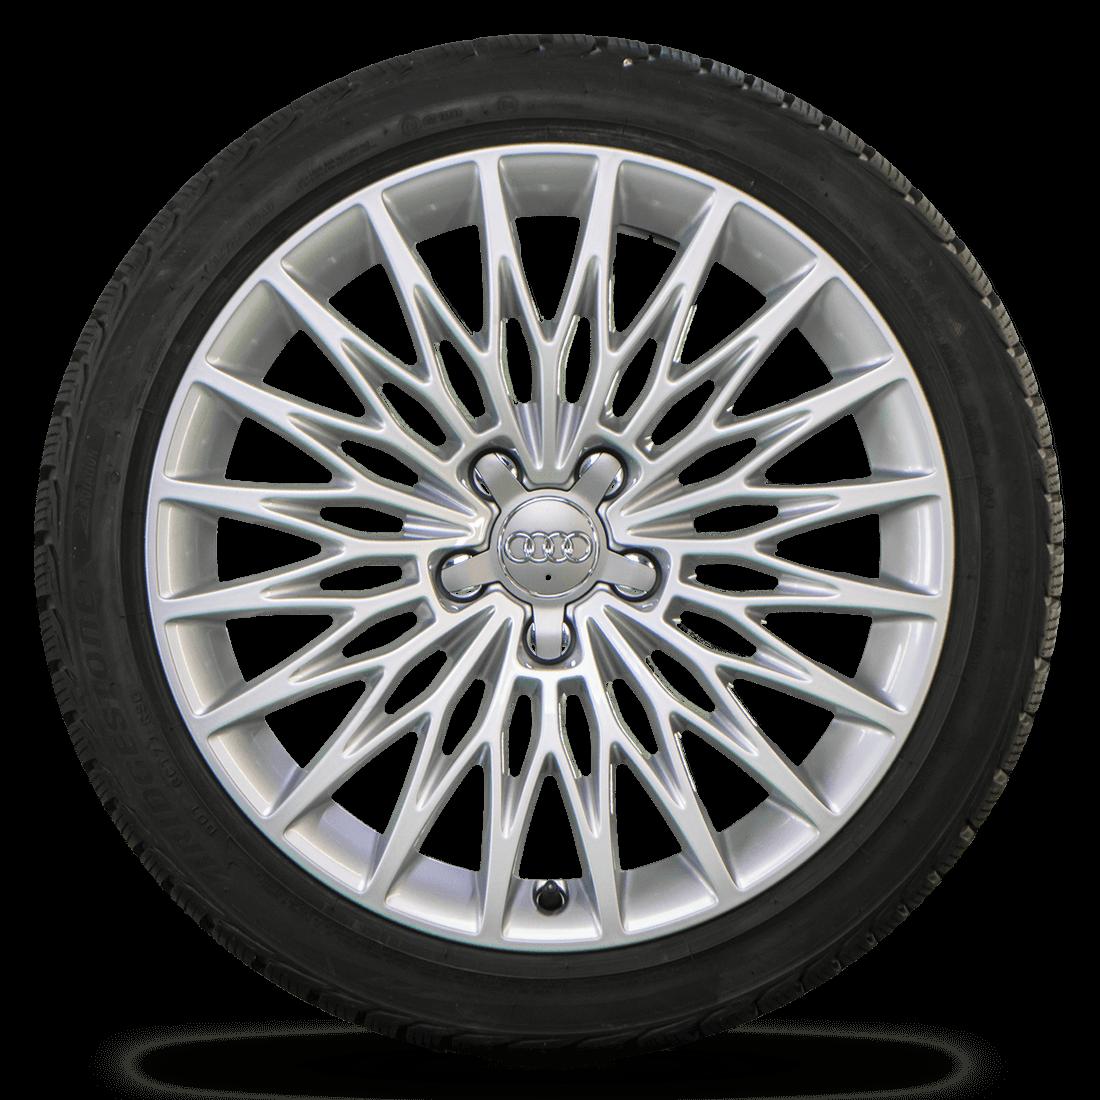 Audi 18 Zoll Felgen A3 S3 8V Alufelgen Winterreifen Winterräder 8V0601025AE 8 mm